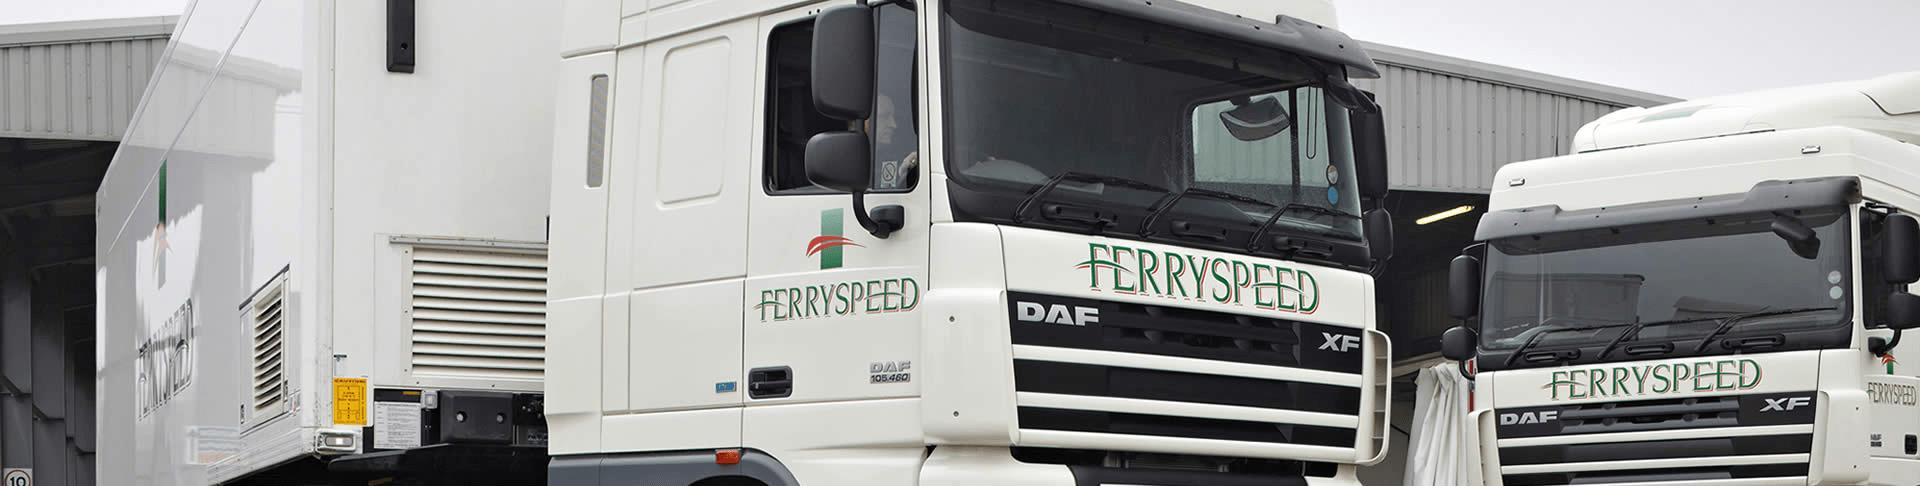 Ferrypseed trucks